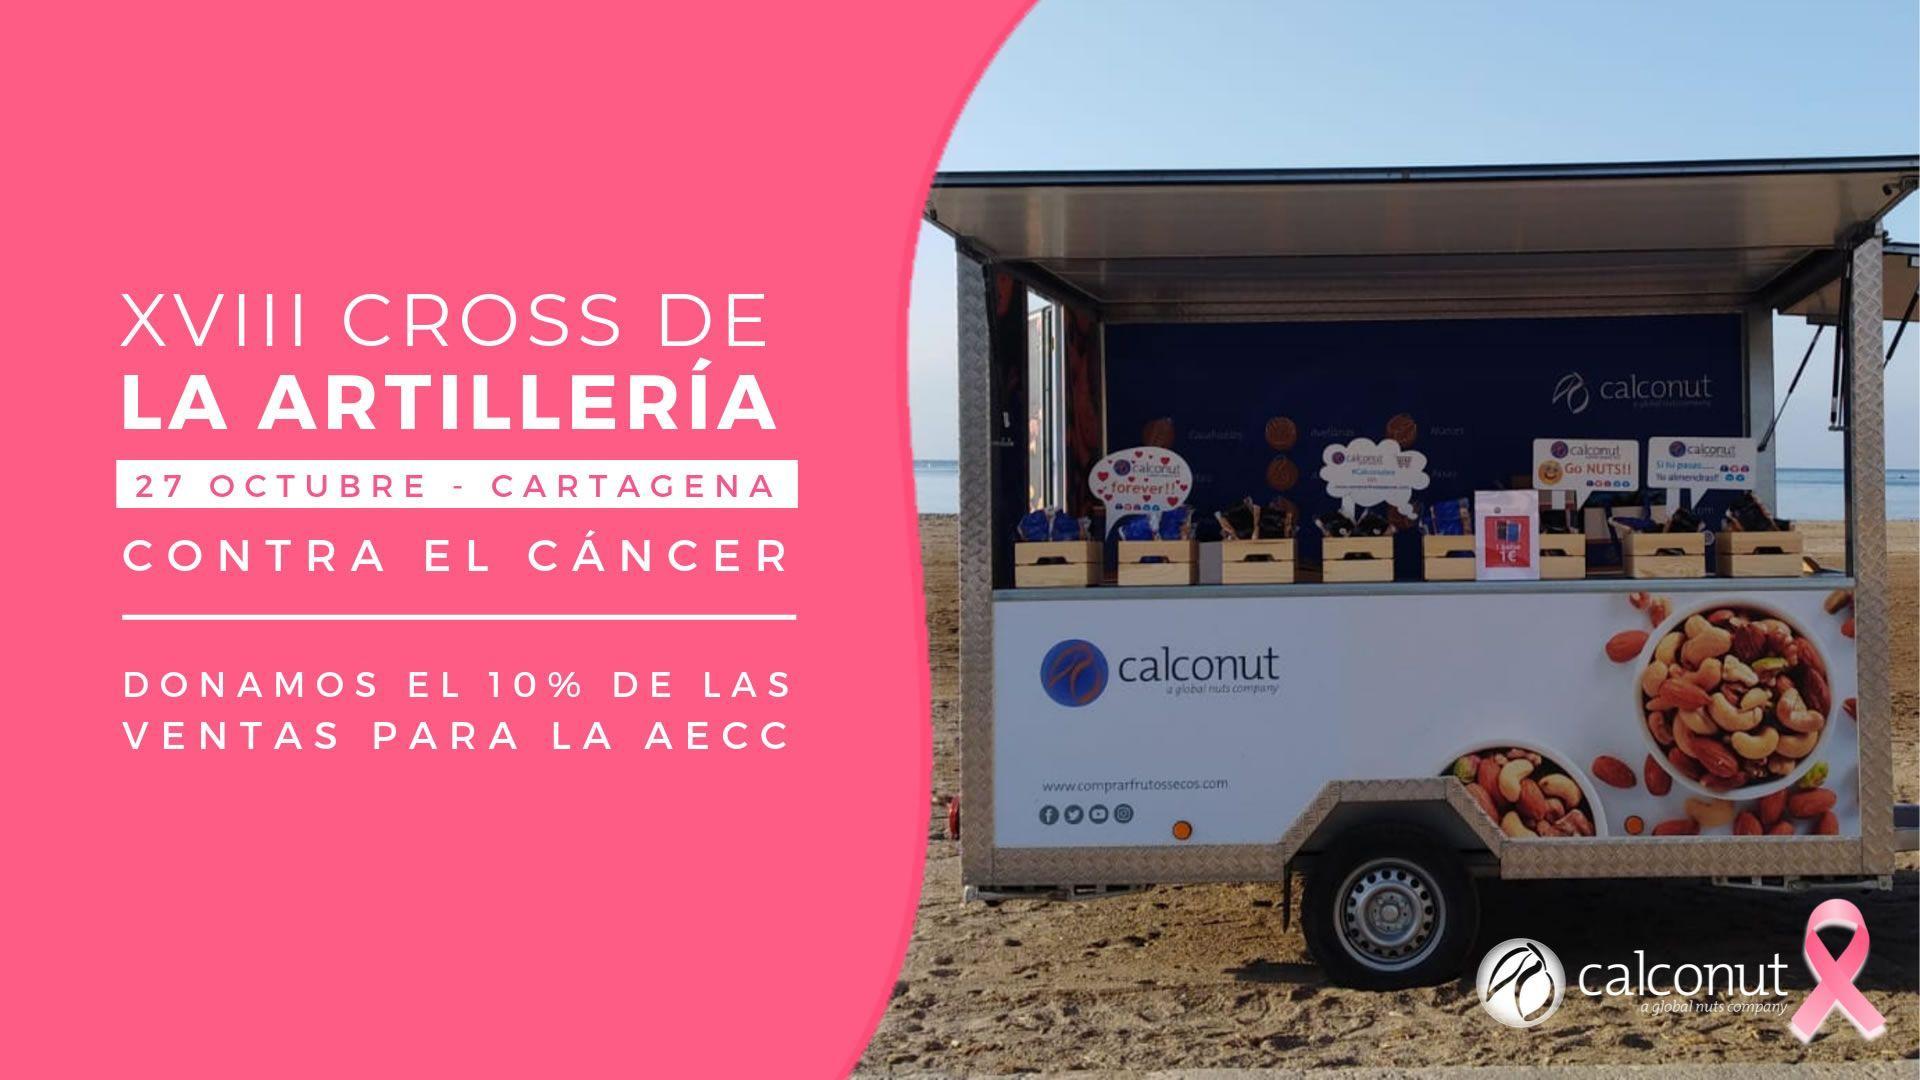 Donamos el 10% de las ventas a la lucha contra el cáncer de mama